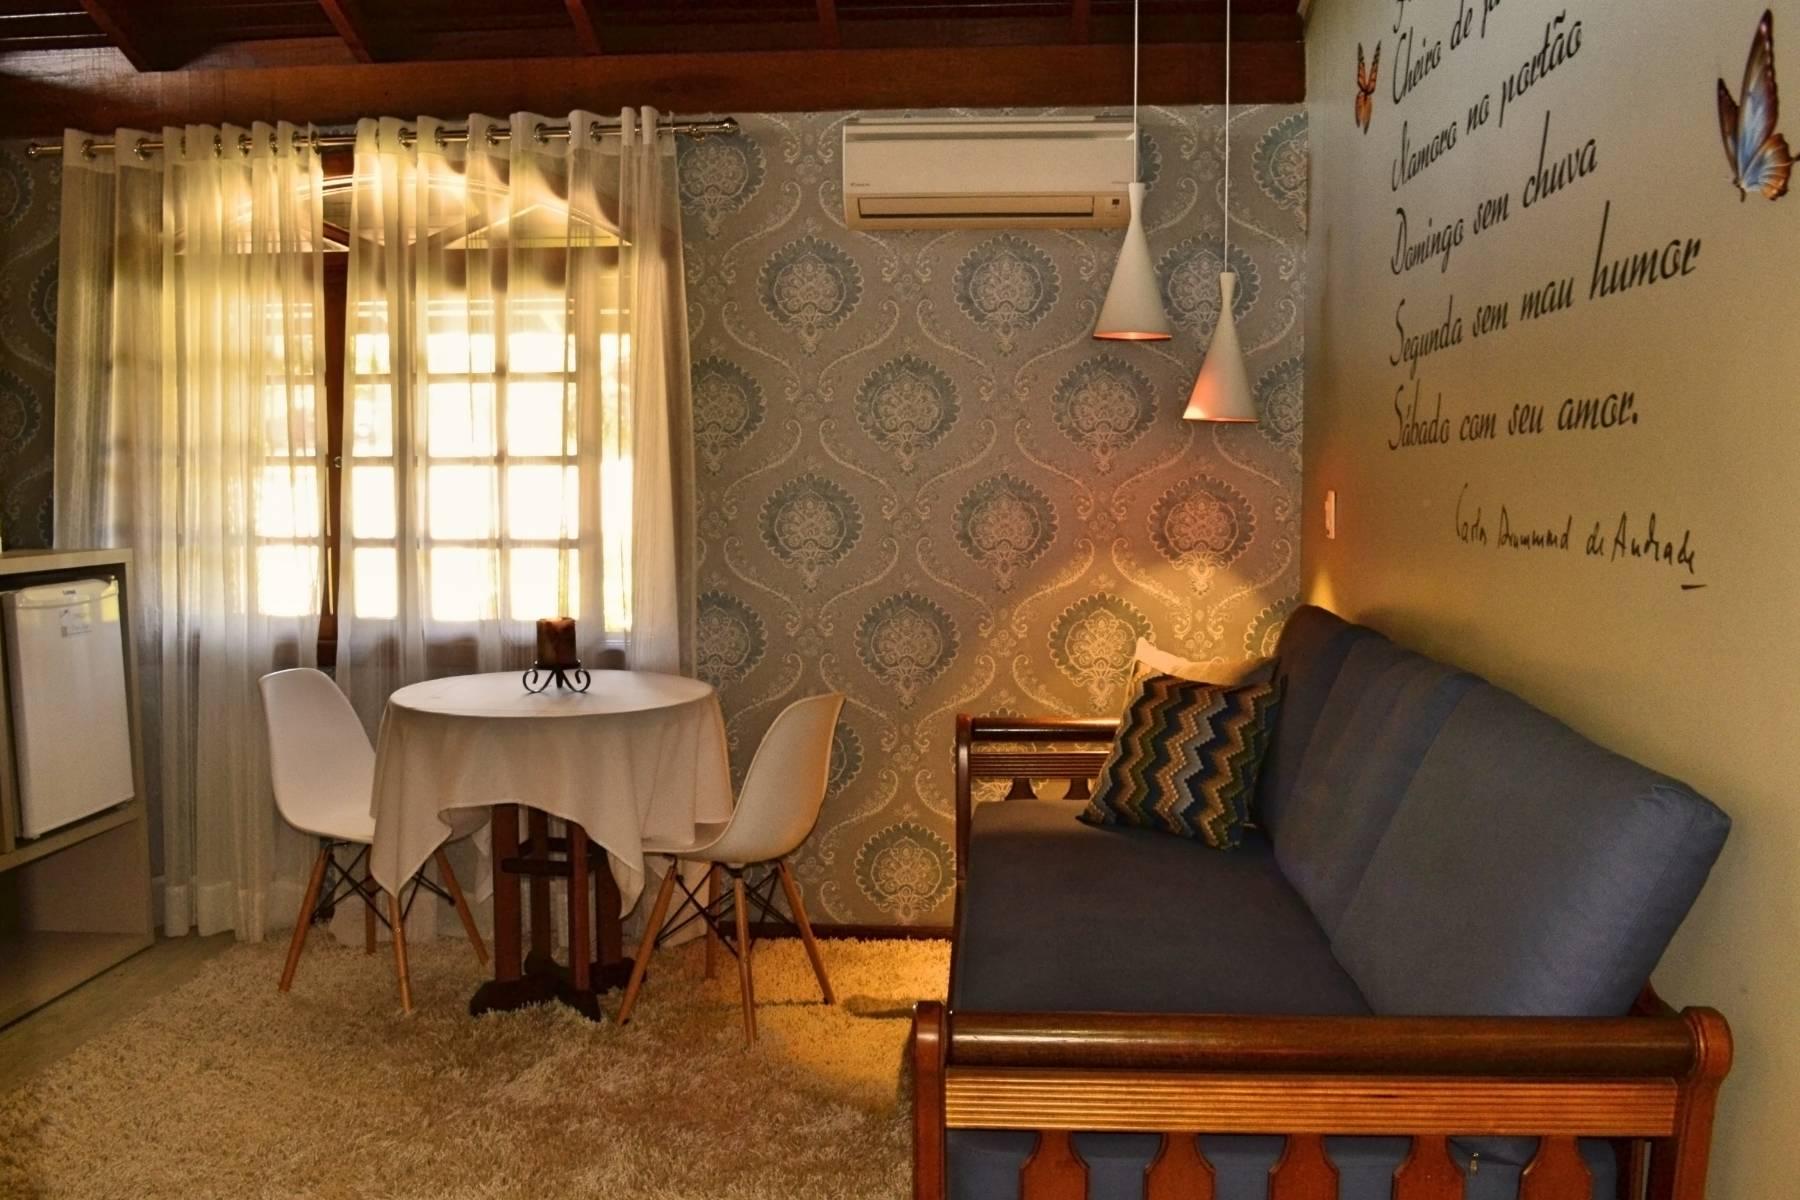 Bangalô Amor Perfeito - Acomodações do Hotel Bangalôs da Serra em Gramado #CurtaSuaFamilia #HotelSustentavel #TurismoVerde #TravelersChoice #EcoLider #Gramado #SerraGaucha